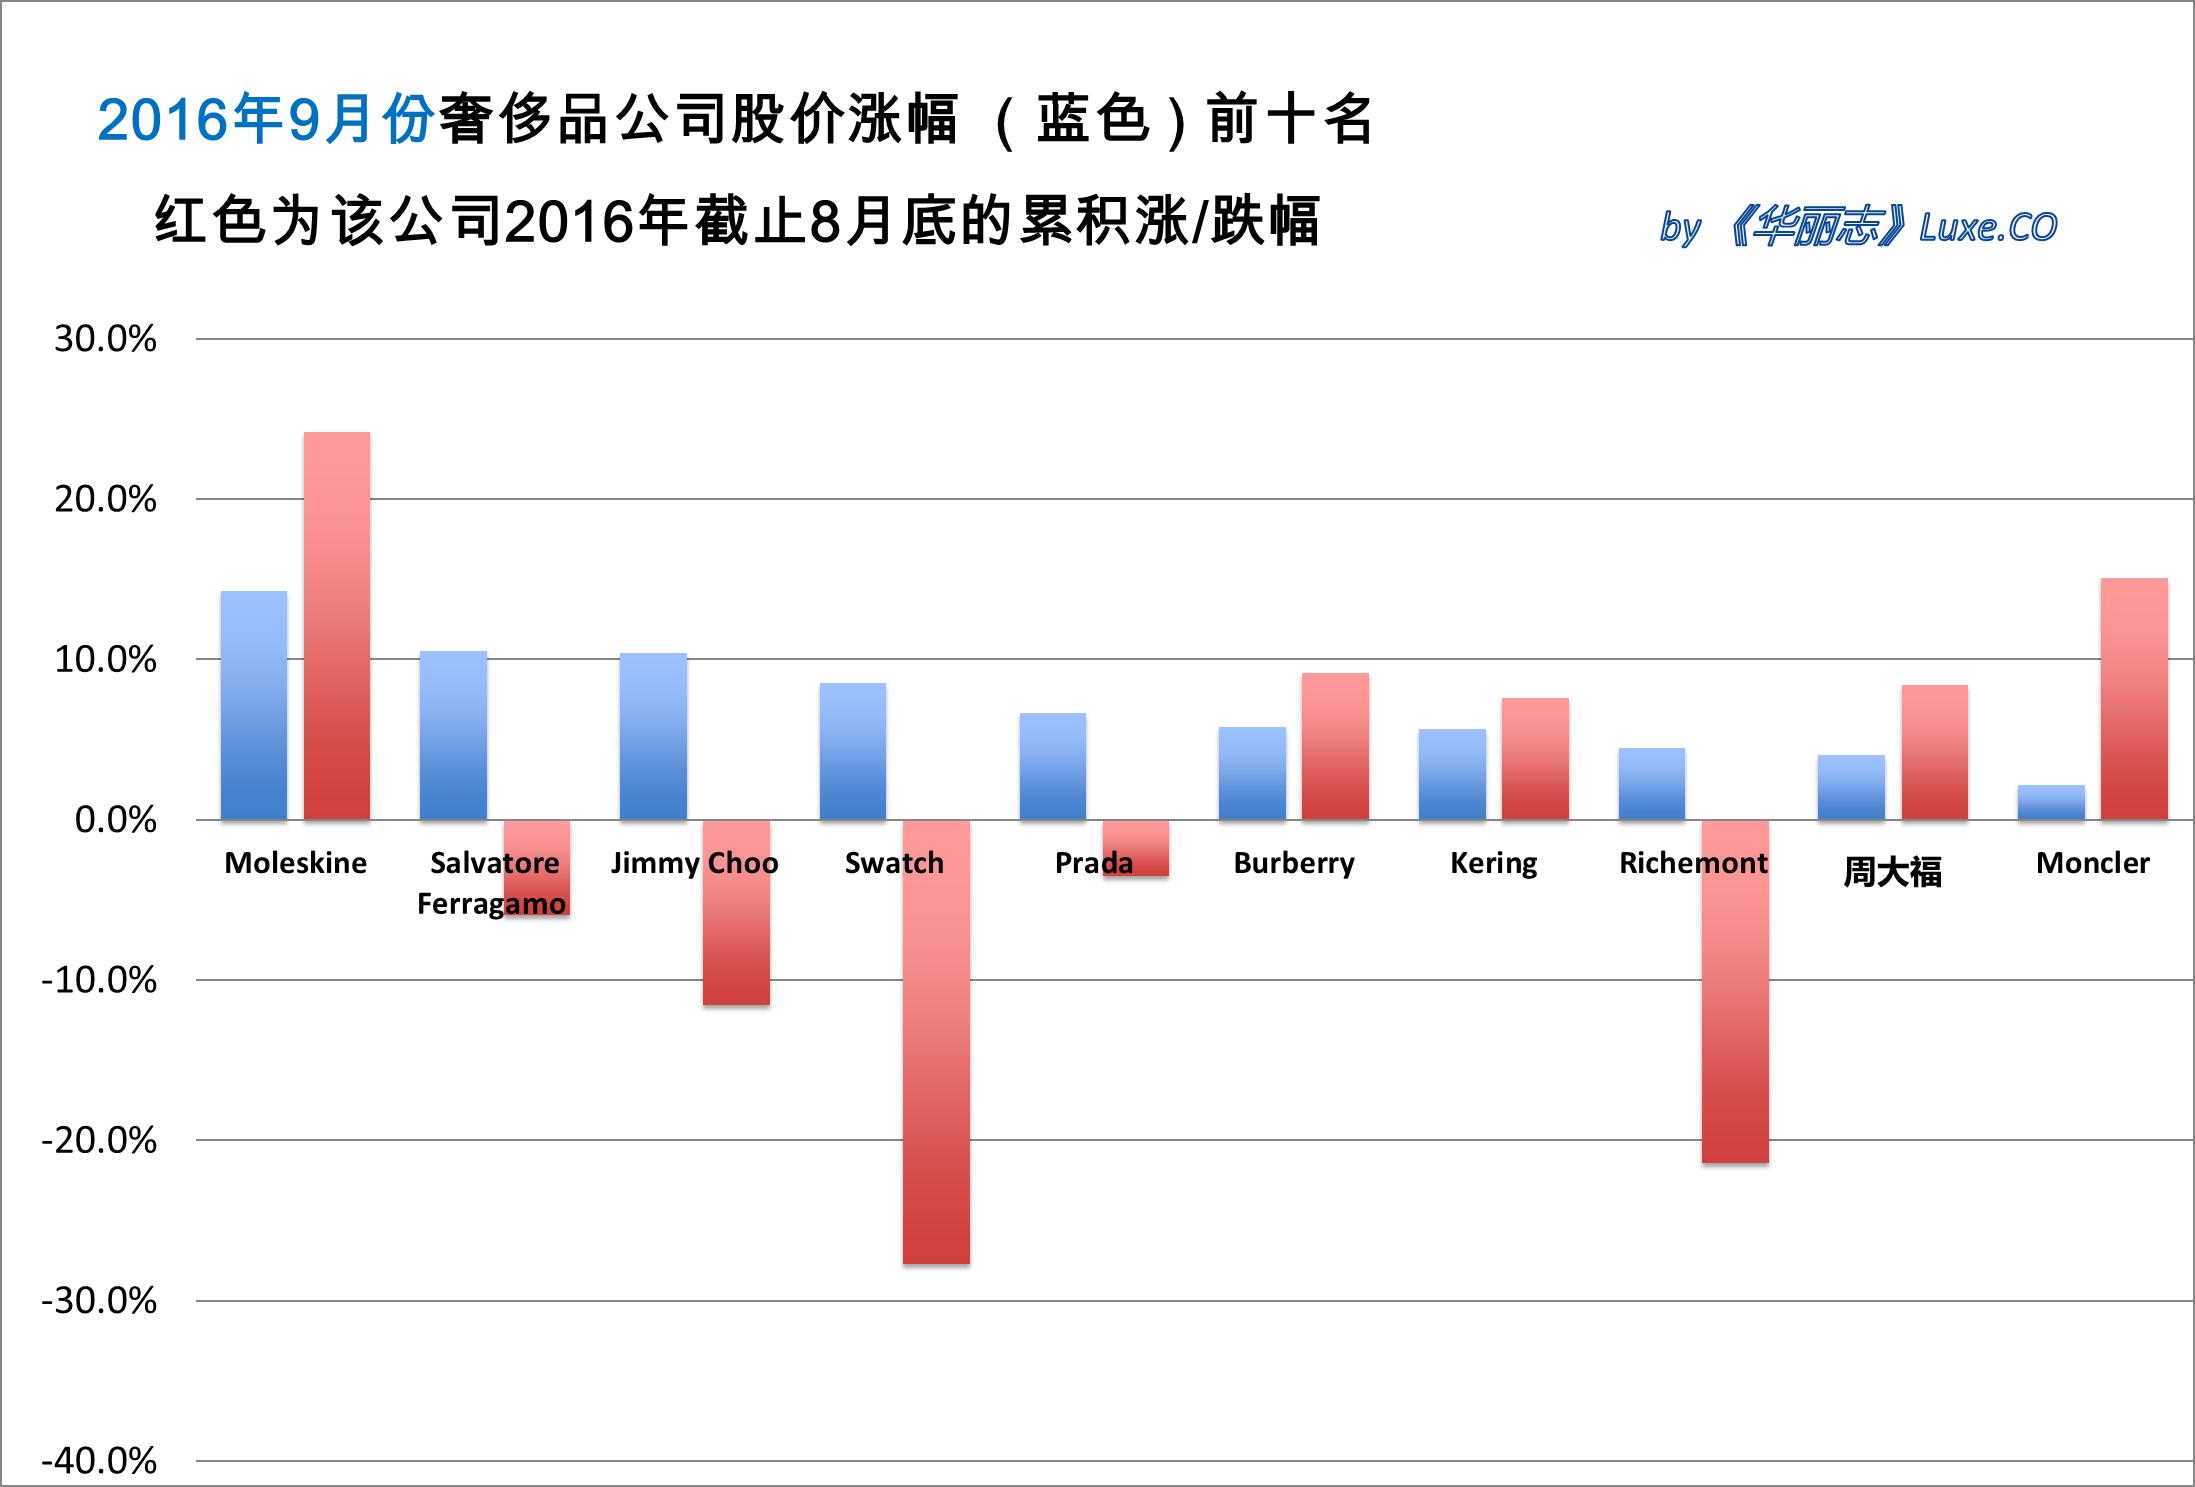 《华丽志》奢侈品股票月度排行榜(2016年9月)